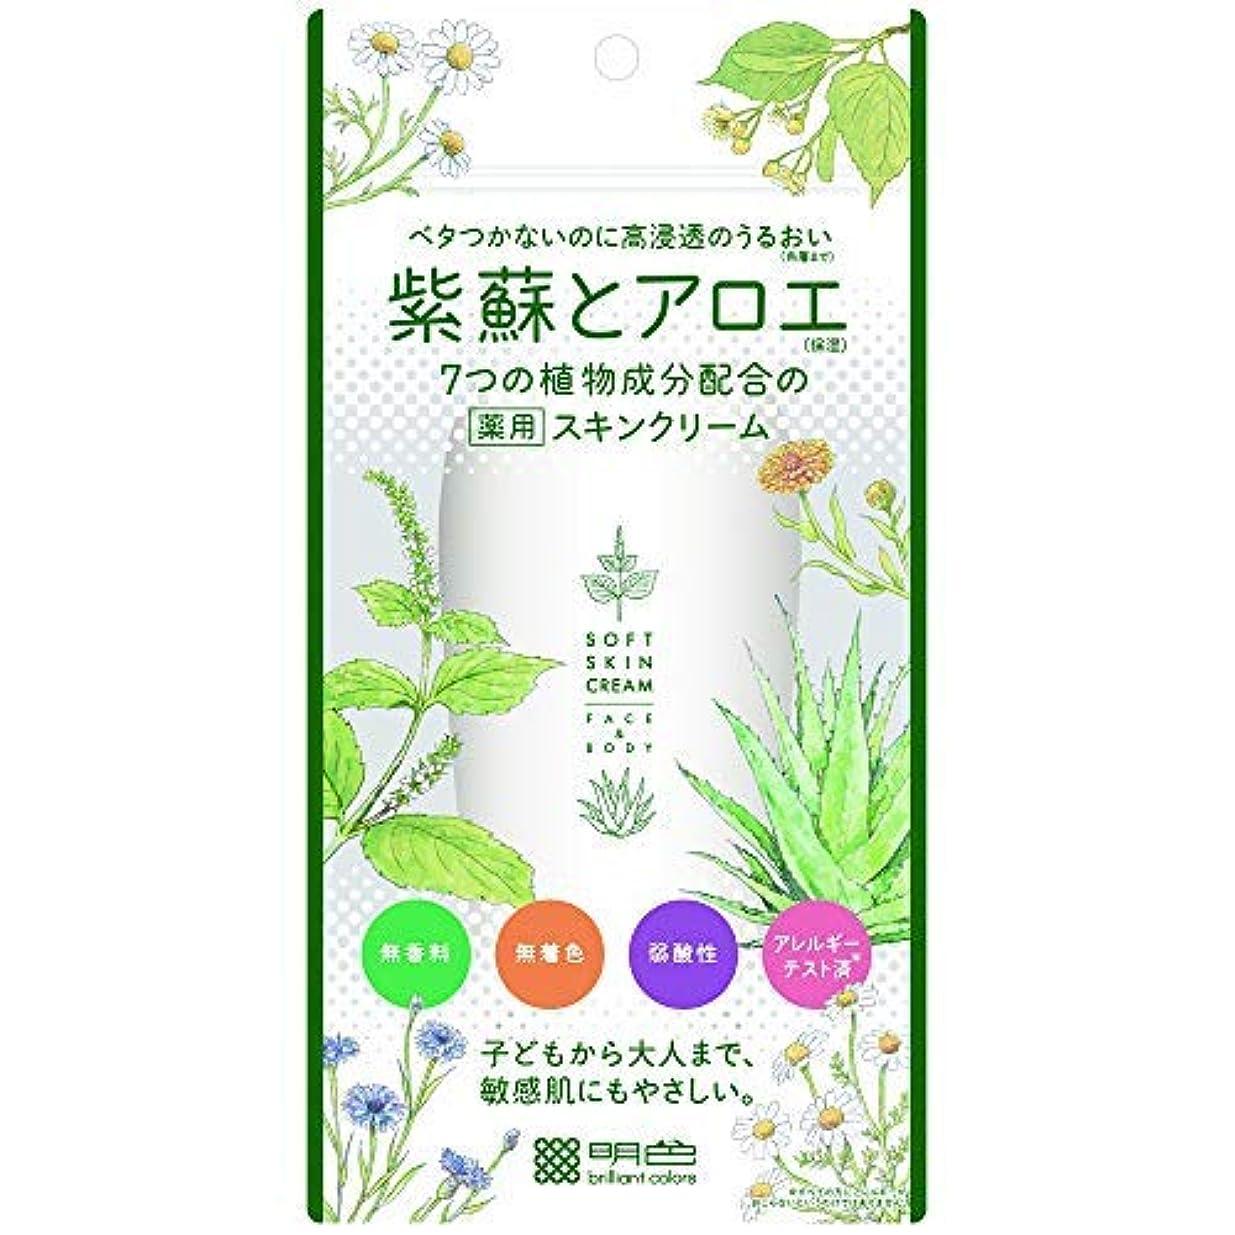 ネコ起きてカニ紫蘇とアロエ 薬用スキンクリーム × 12個セット